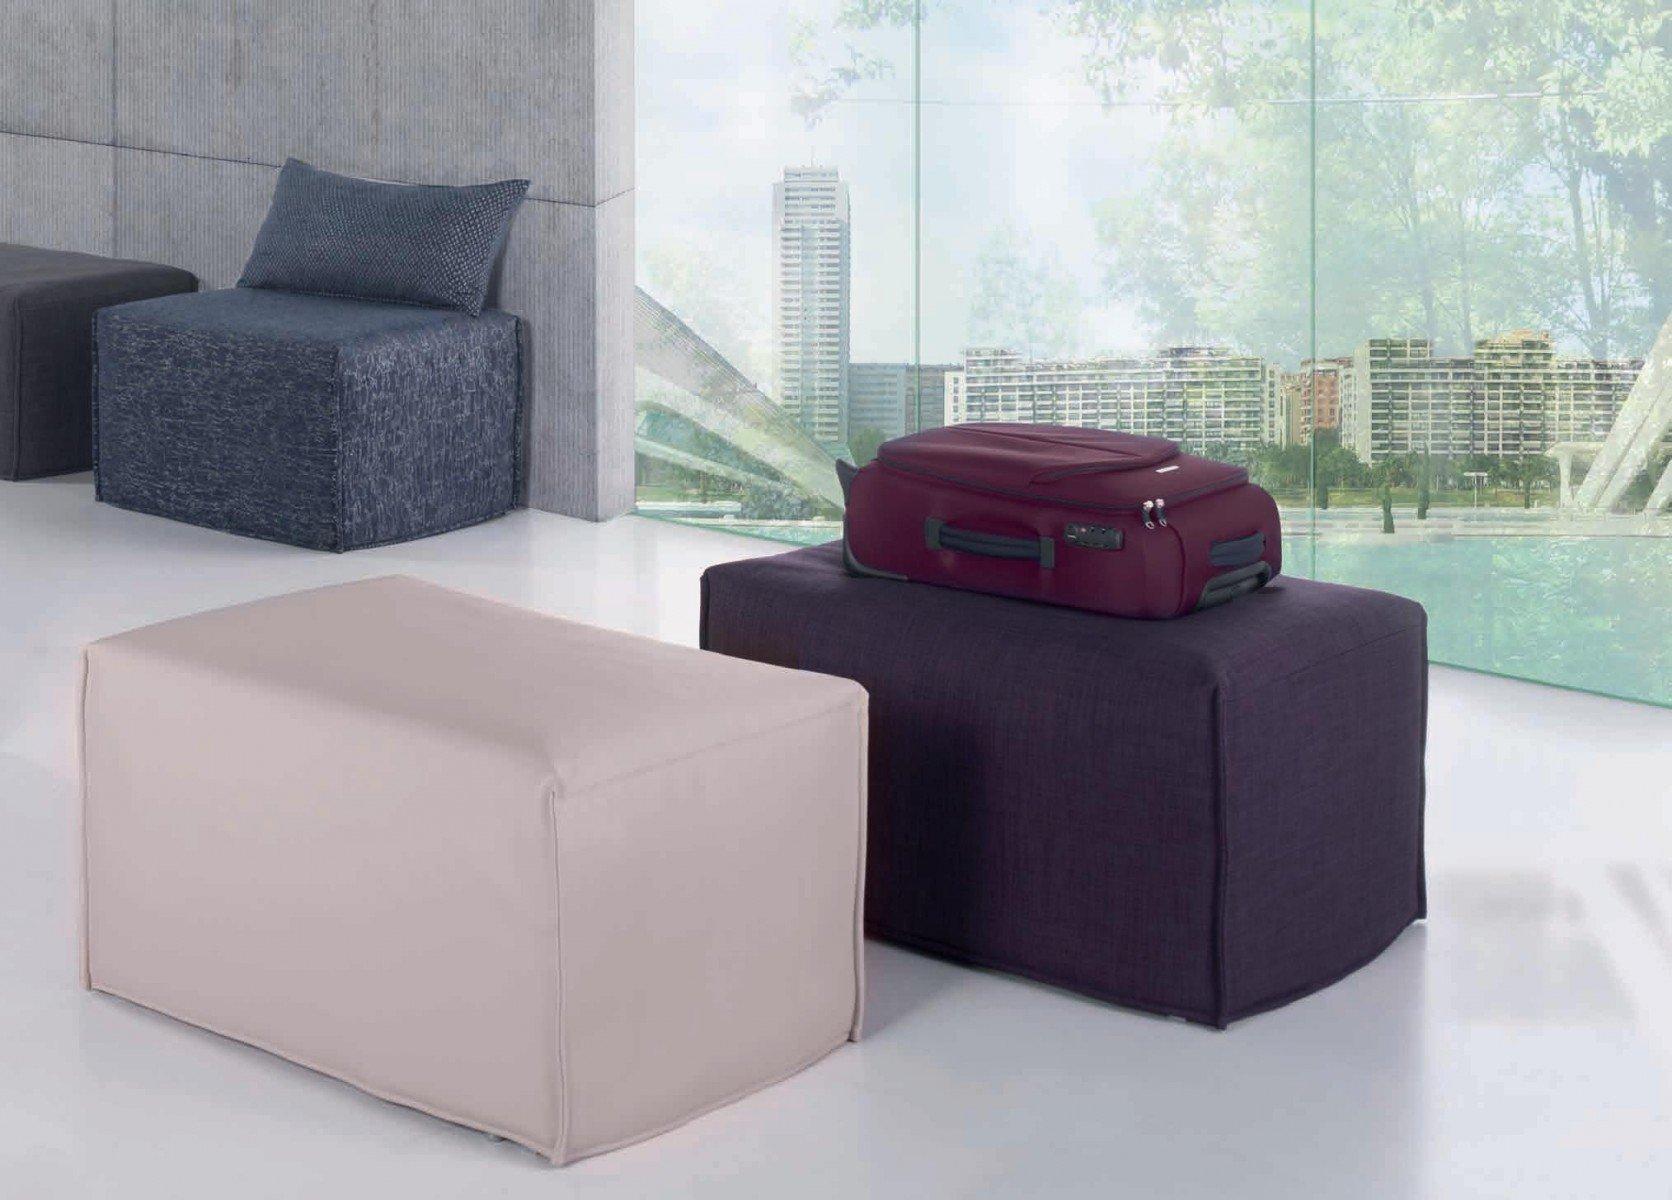 Puffs cama valencia muebles y decoraci n valencia - Puff convertible cama ...